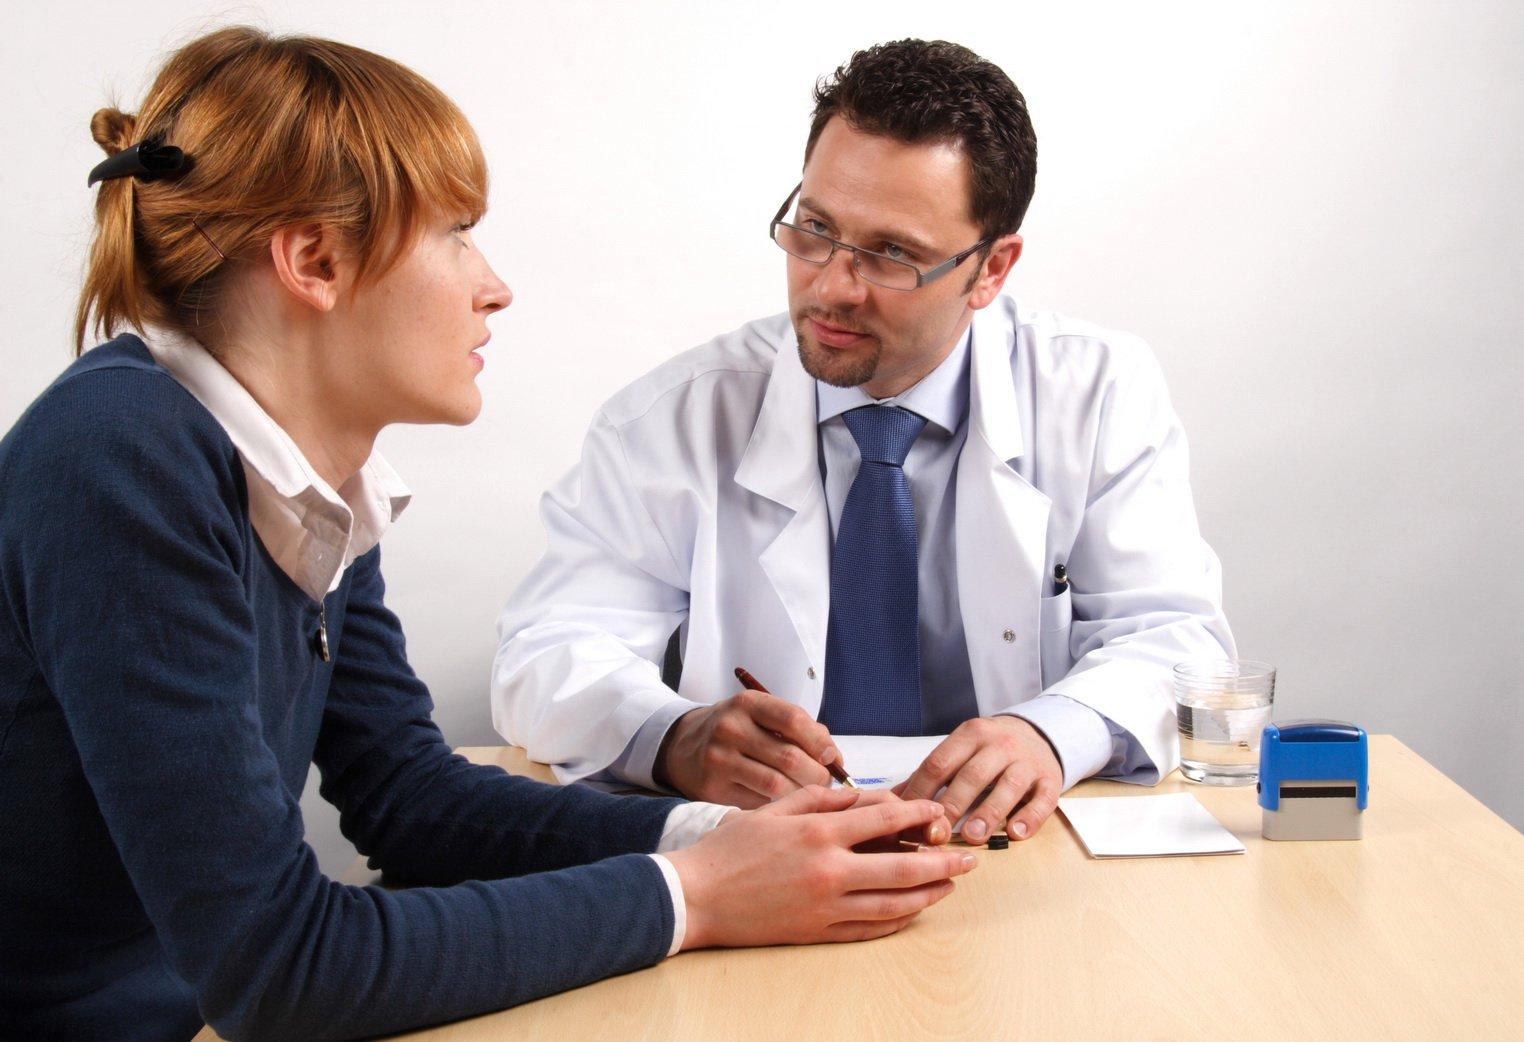 Артродез суставов: необходимость или вынужденная мера?